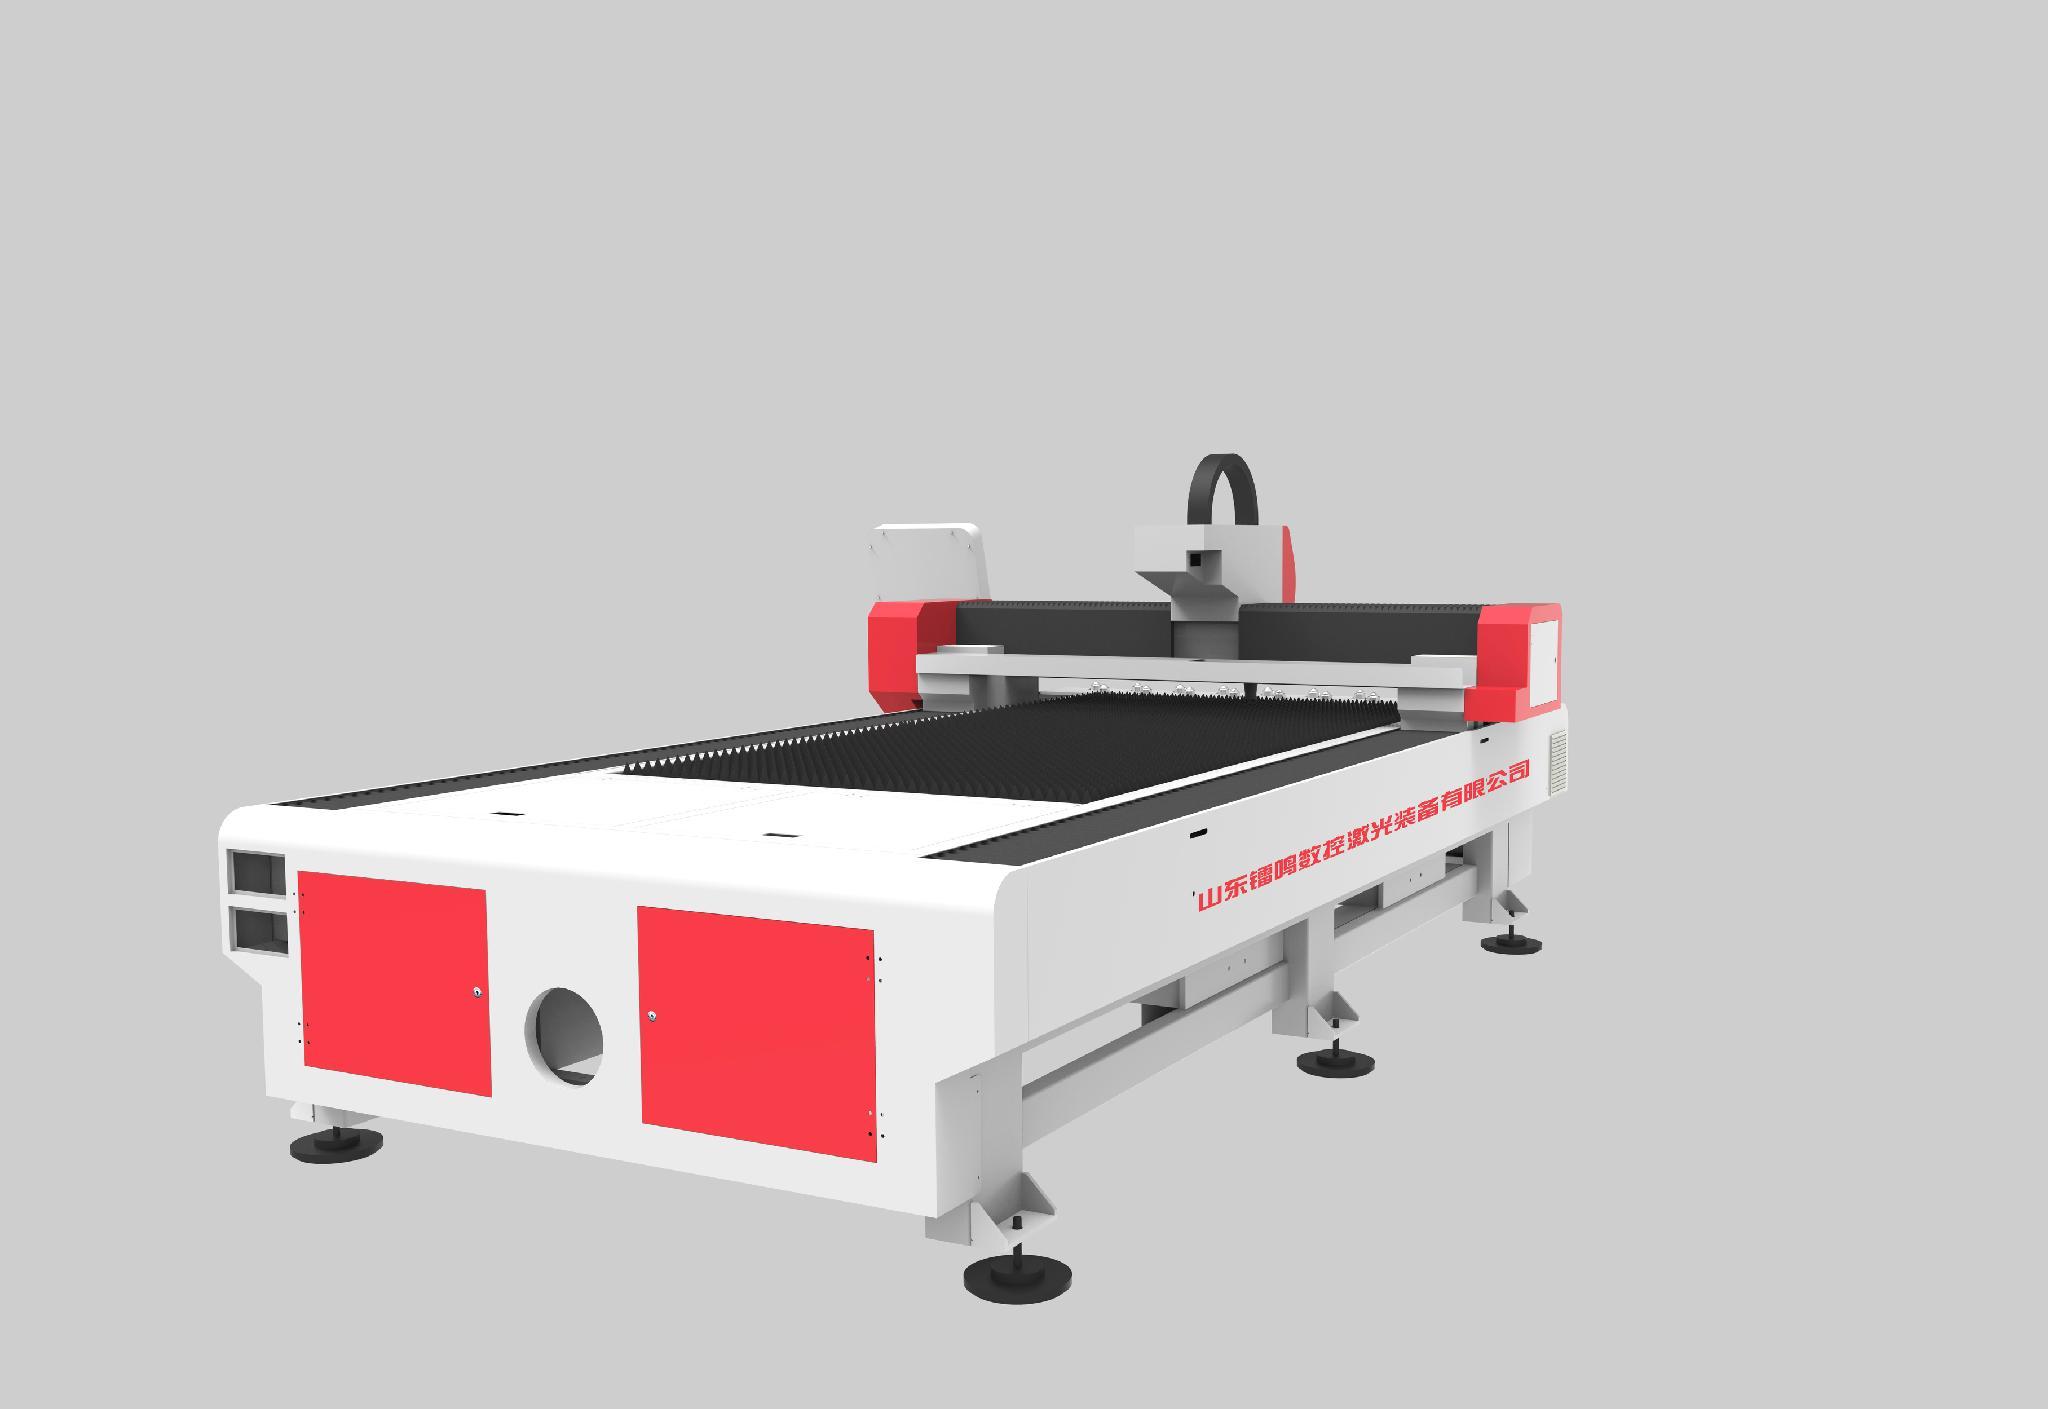 类别: 工业设备 / 通用机械 / 电焊,切割设备 标签: 光纤激光切割机